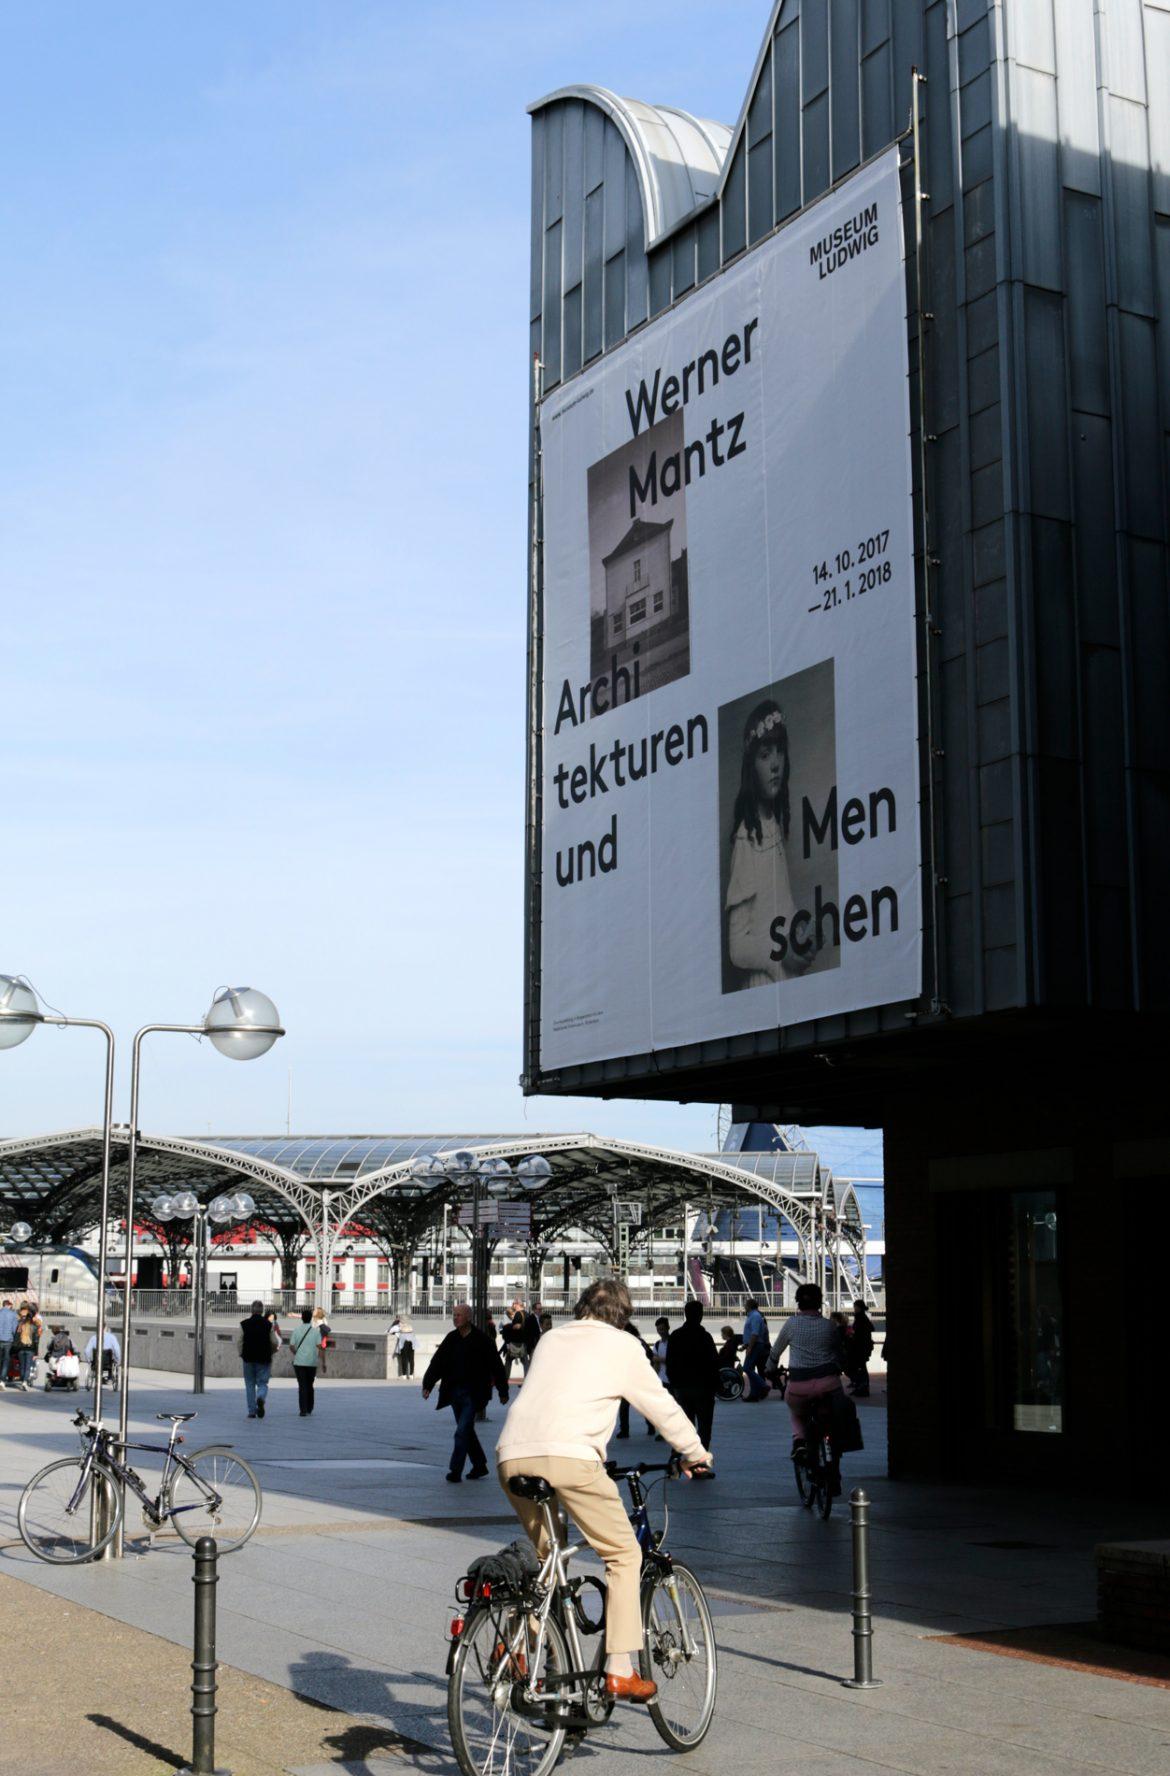 bureaumathiasbeyer_museumludwig_wernermantz_01 Museum Ludwig